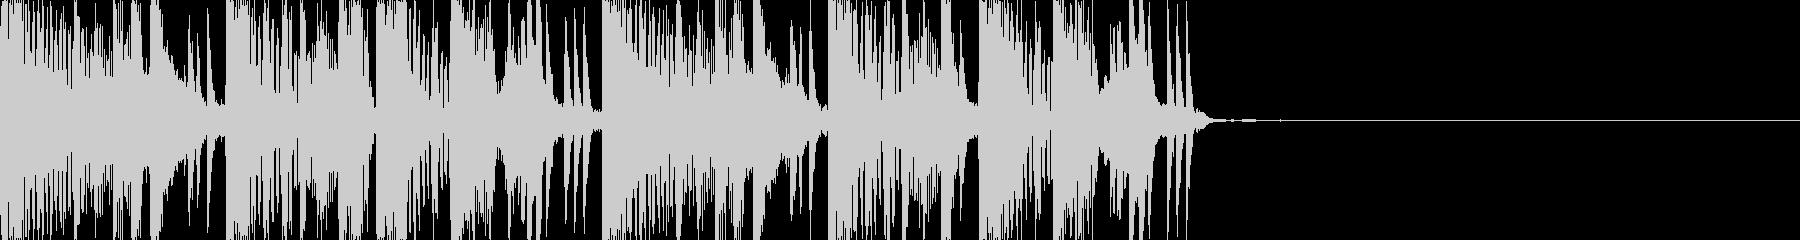 アダルトでムード感あるジングル/BGMの未再生の波形